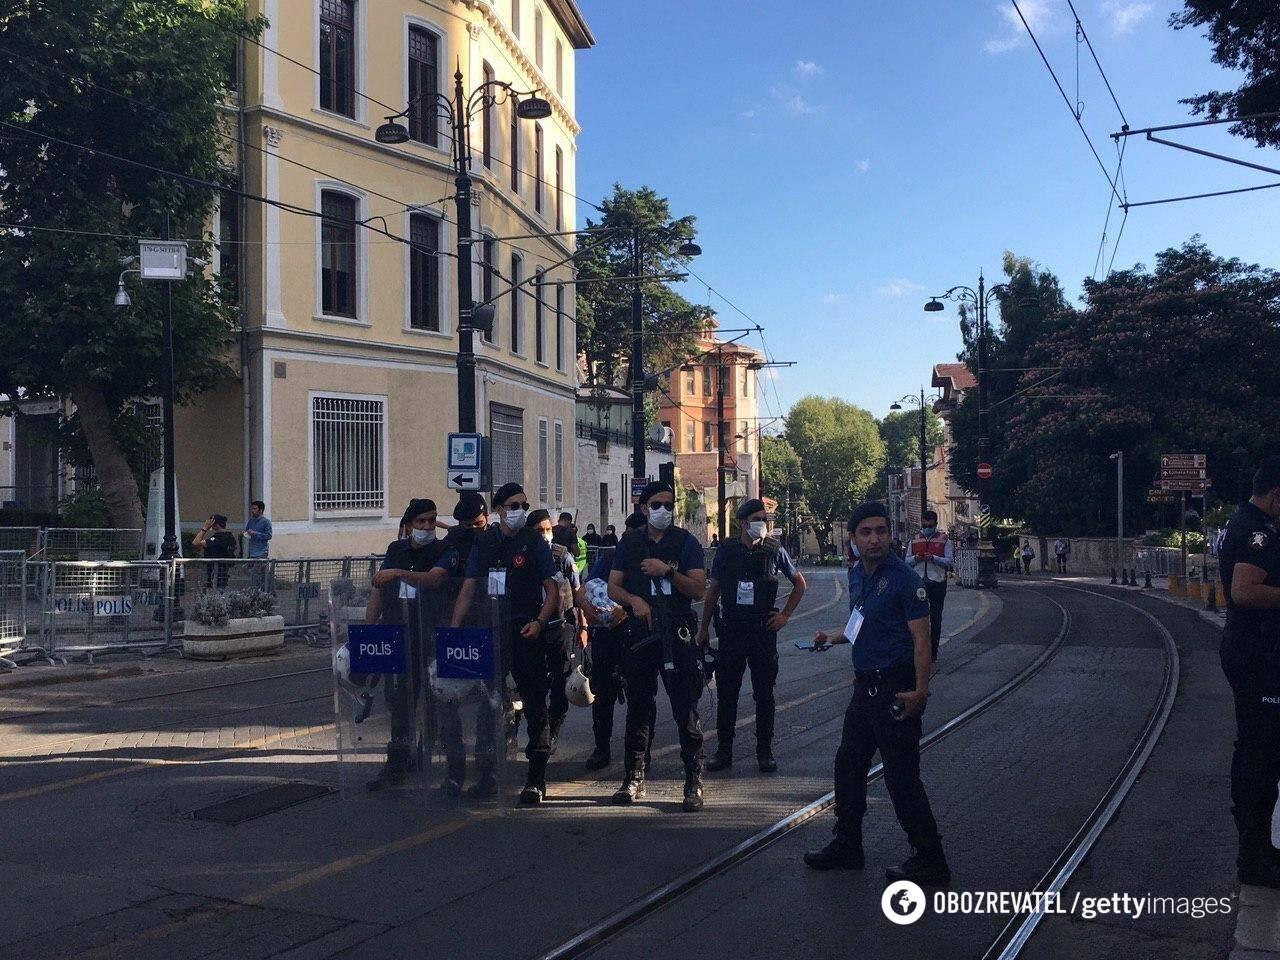 За проведением намаз в Айя-Софье следят правоохранители